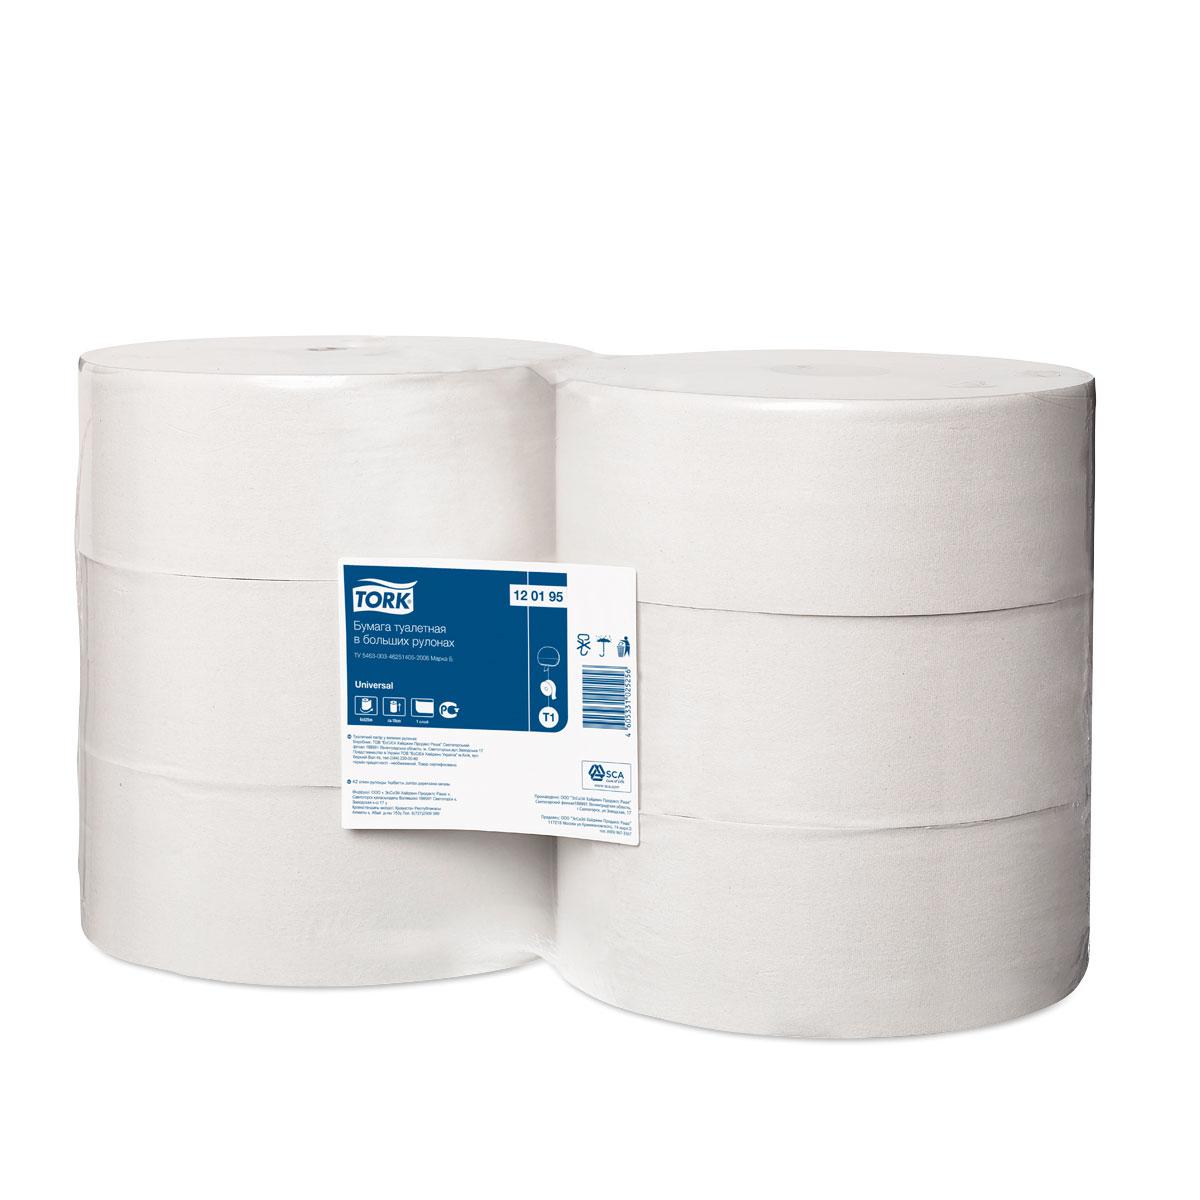 Бумага туалетная  Tork , однослойная, 6 рулонов. 120095 - Туалетная бумага